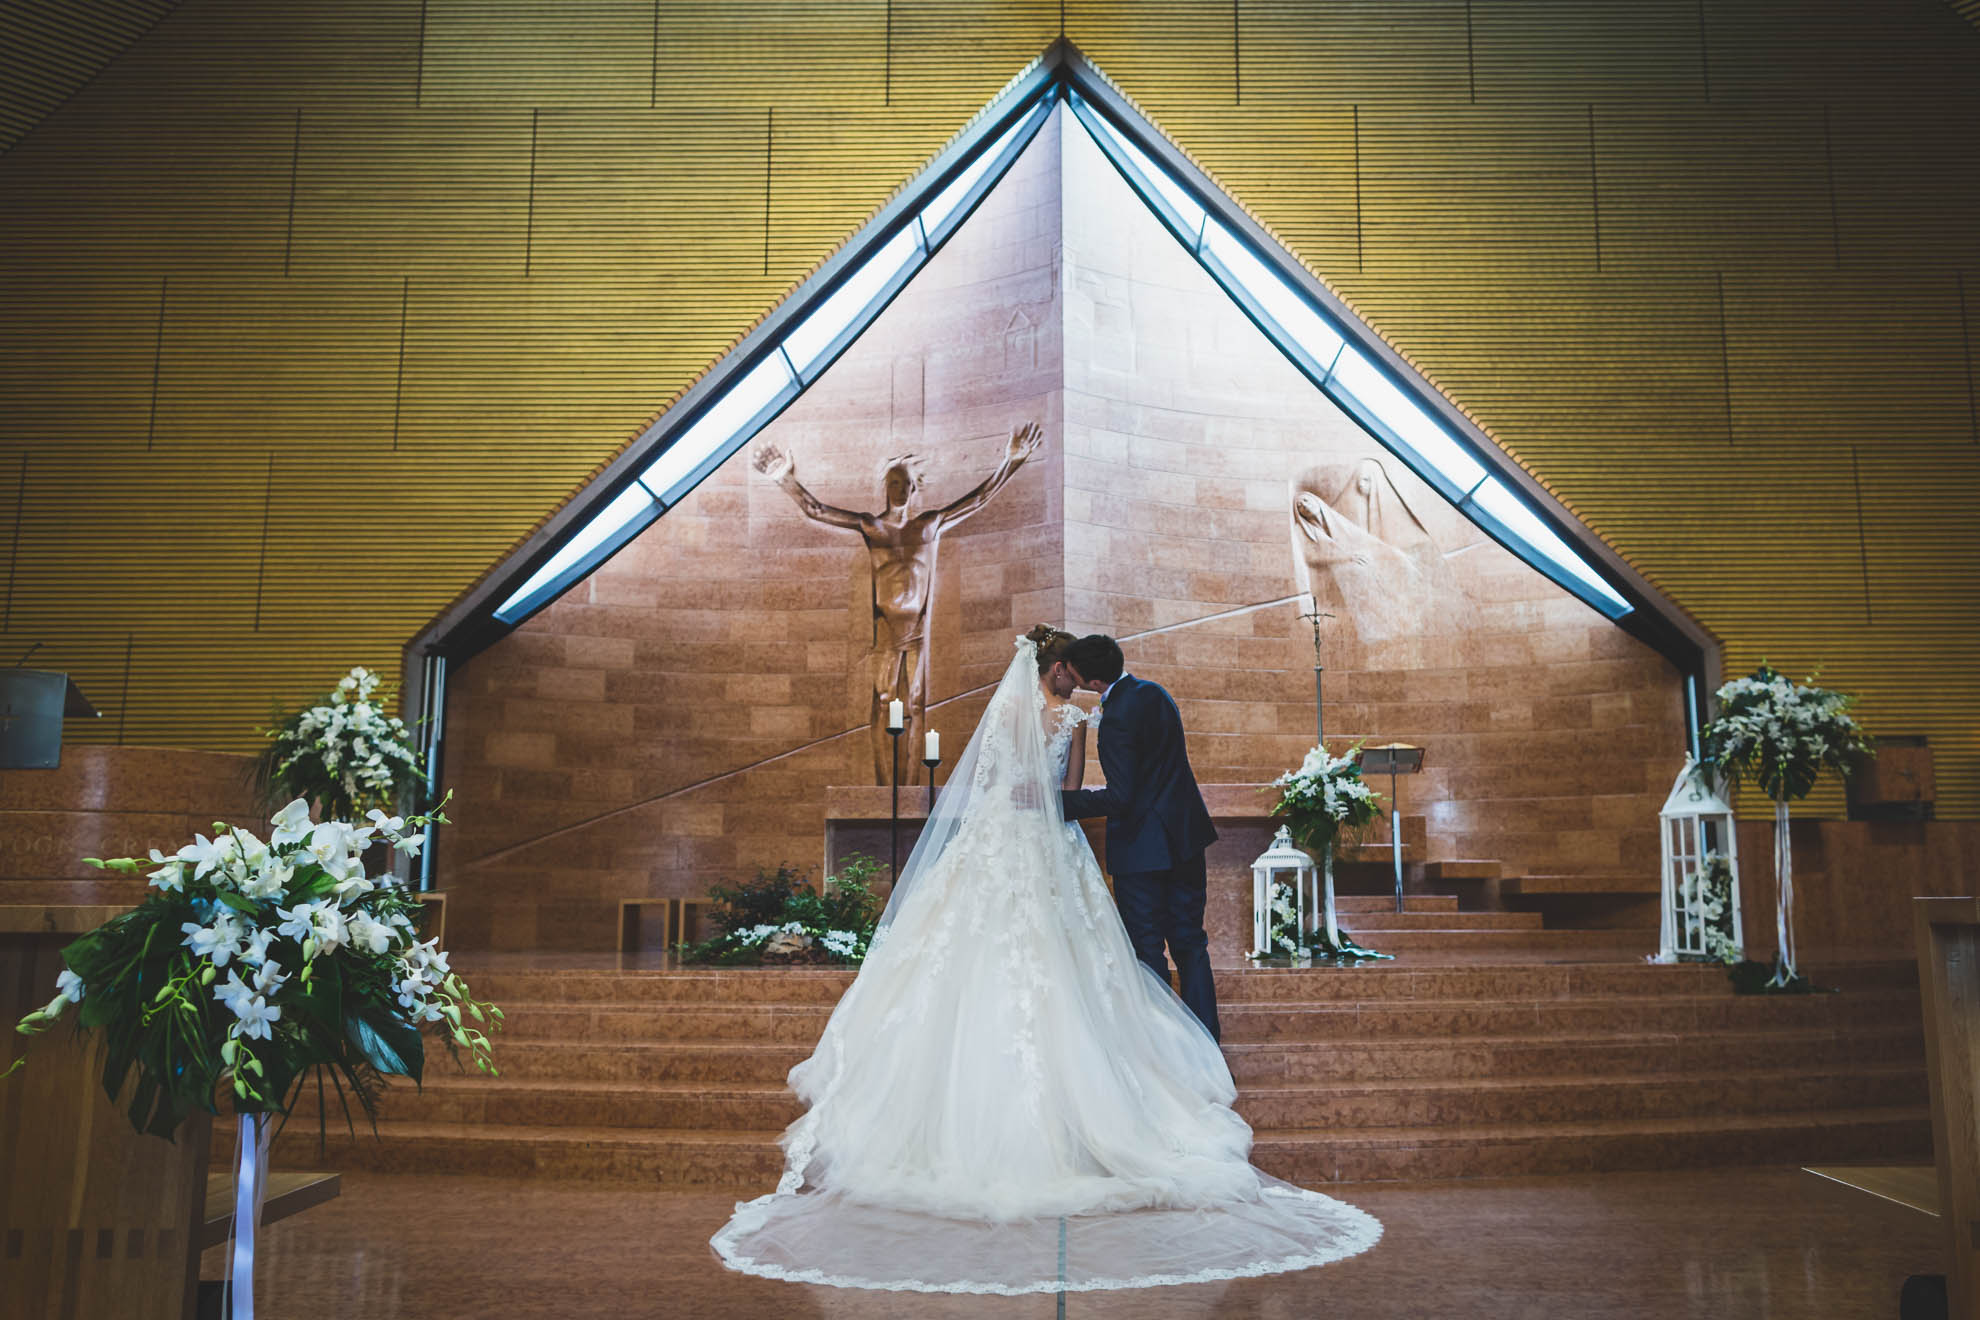 022 Fotografo per Matrimonio Diego Ravenna Pavia_R5D3472-Modifica